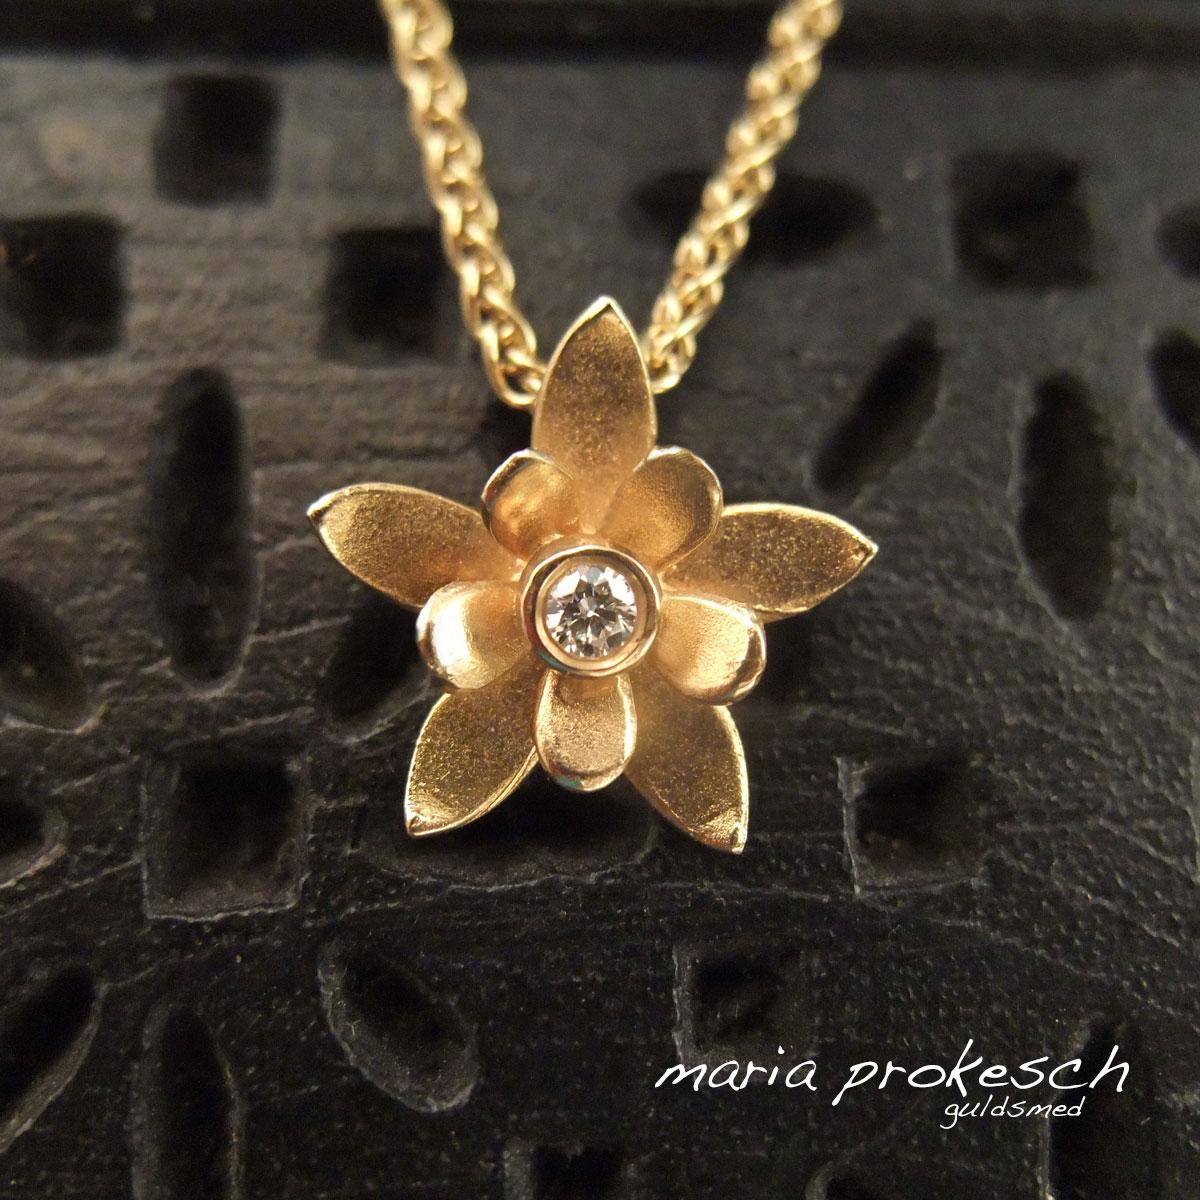 Vedhæng i 18 kt guld, blomst med dobbelte blade og diamant i midten. Lækkert design